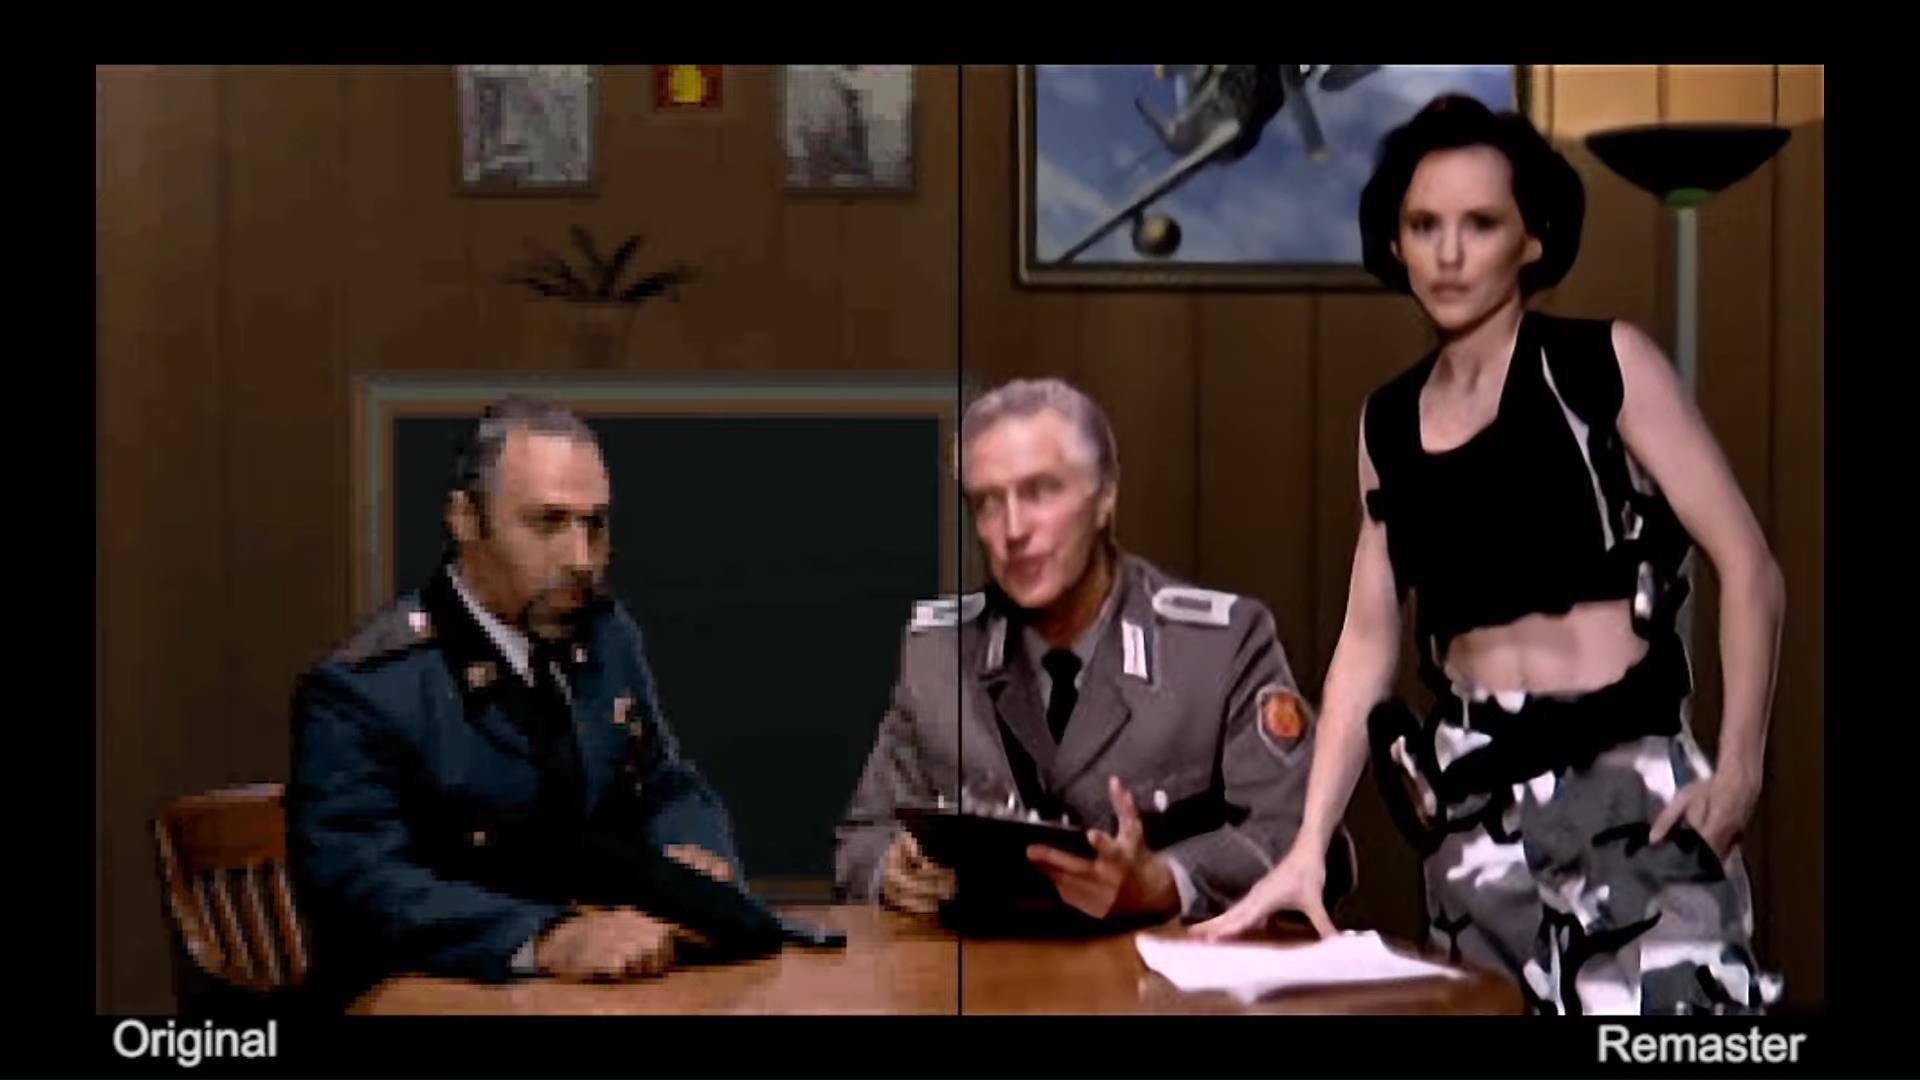 Image for Command & Conquer Remastered will AI-upscale original FMV cutscenes